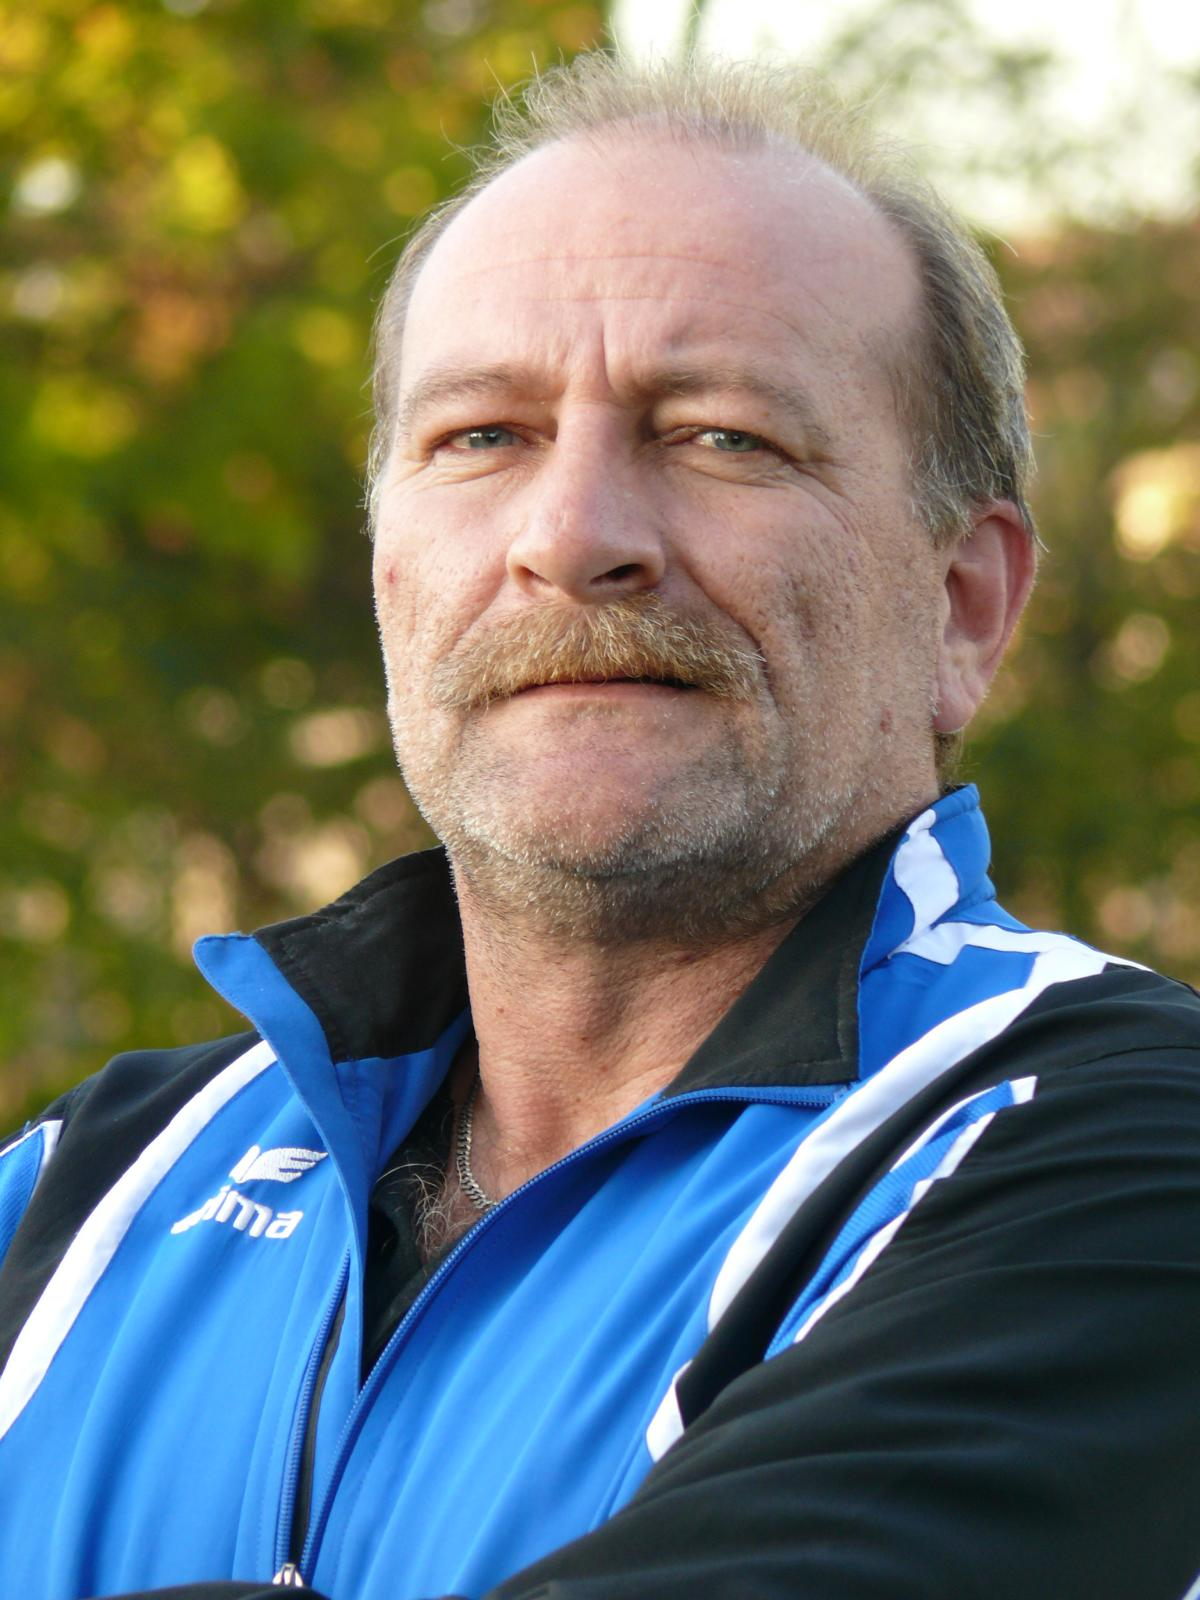 <b>Rainer Wagner</b> E-Mail: 1.Vorsitzender@fcneuhadern.de. Handy: 0171 497 80 65 - Rainer%20Wagner